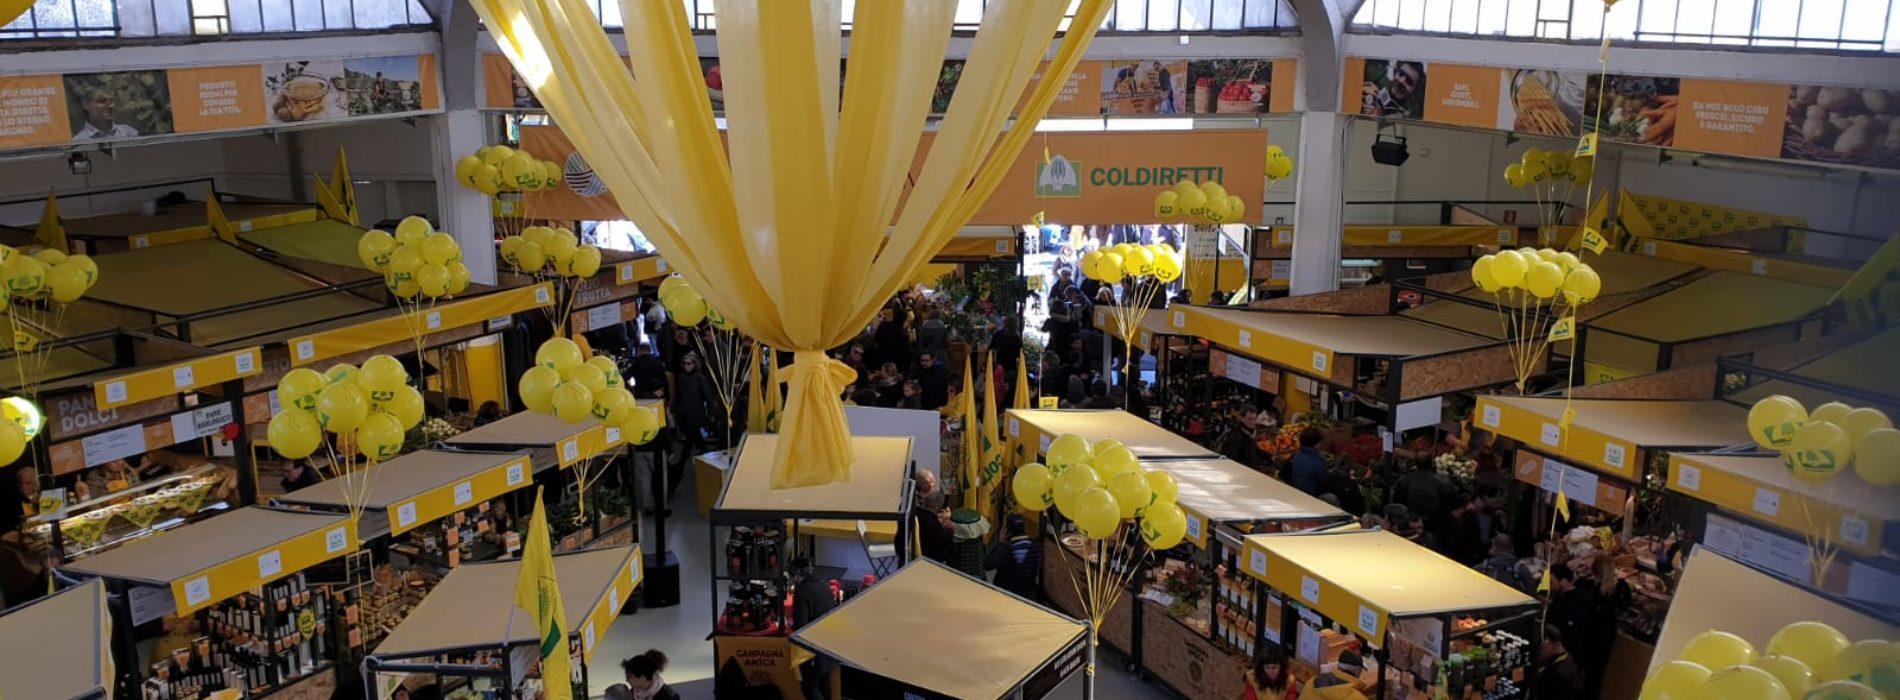 Mercato di Campagna Amica al Circo Massimo Roma, spesa bio e street food di qualità